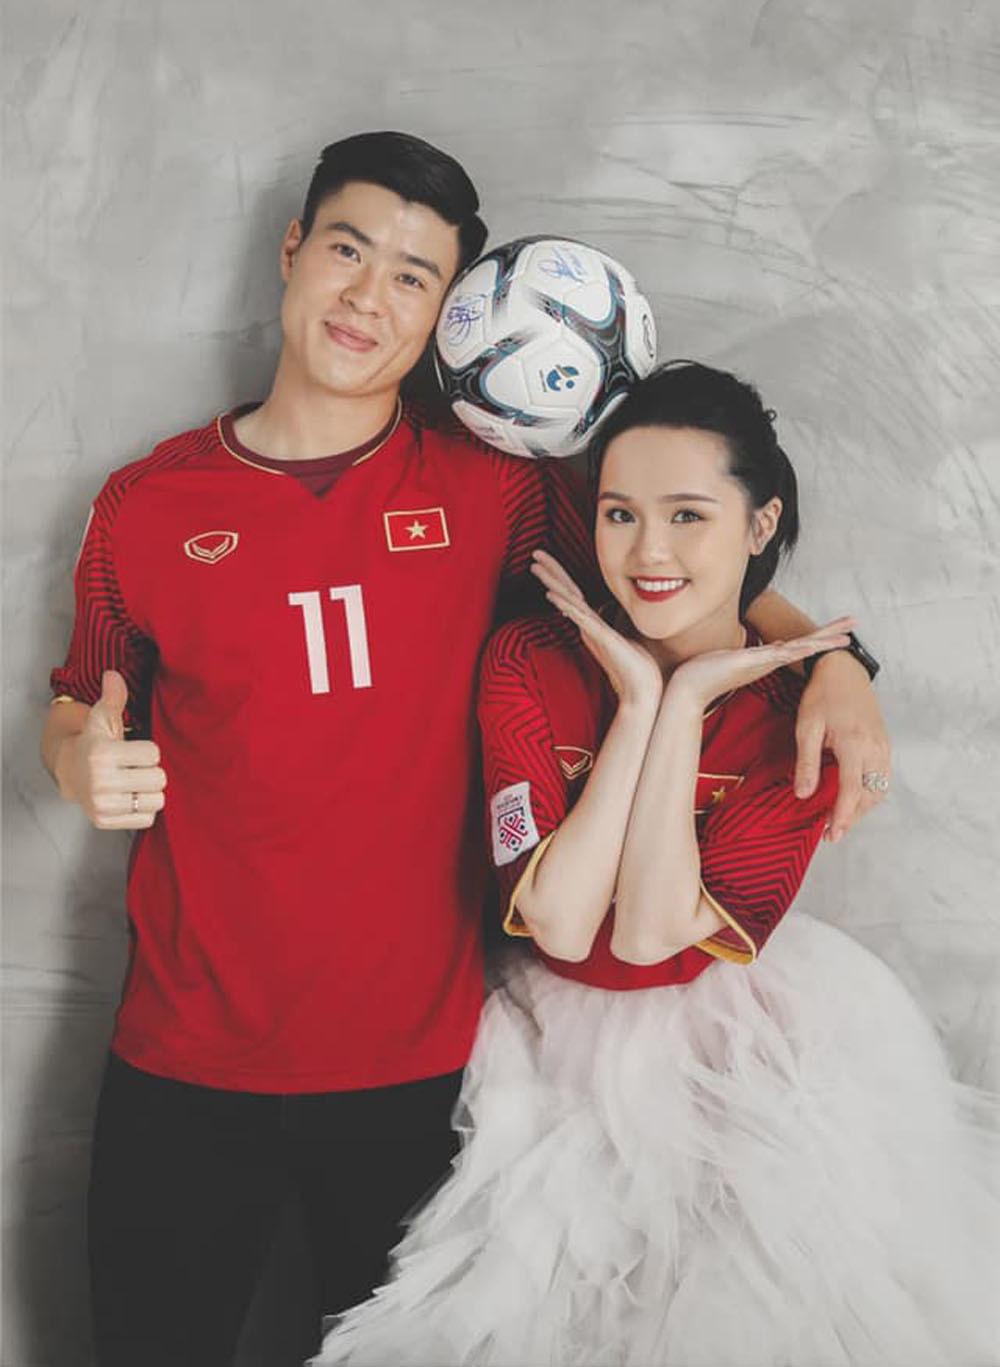 Cầu thủ Duy Mạnh khoe ảnh cưới với 2 chiếc áo đặc biệt